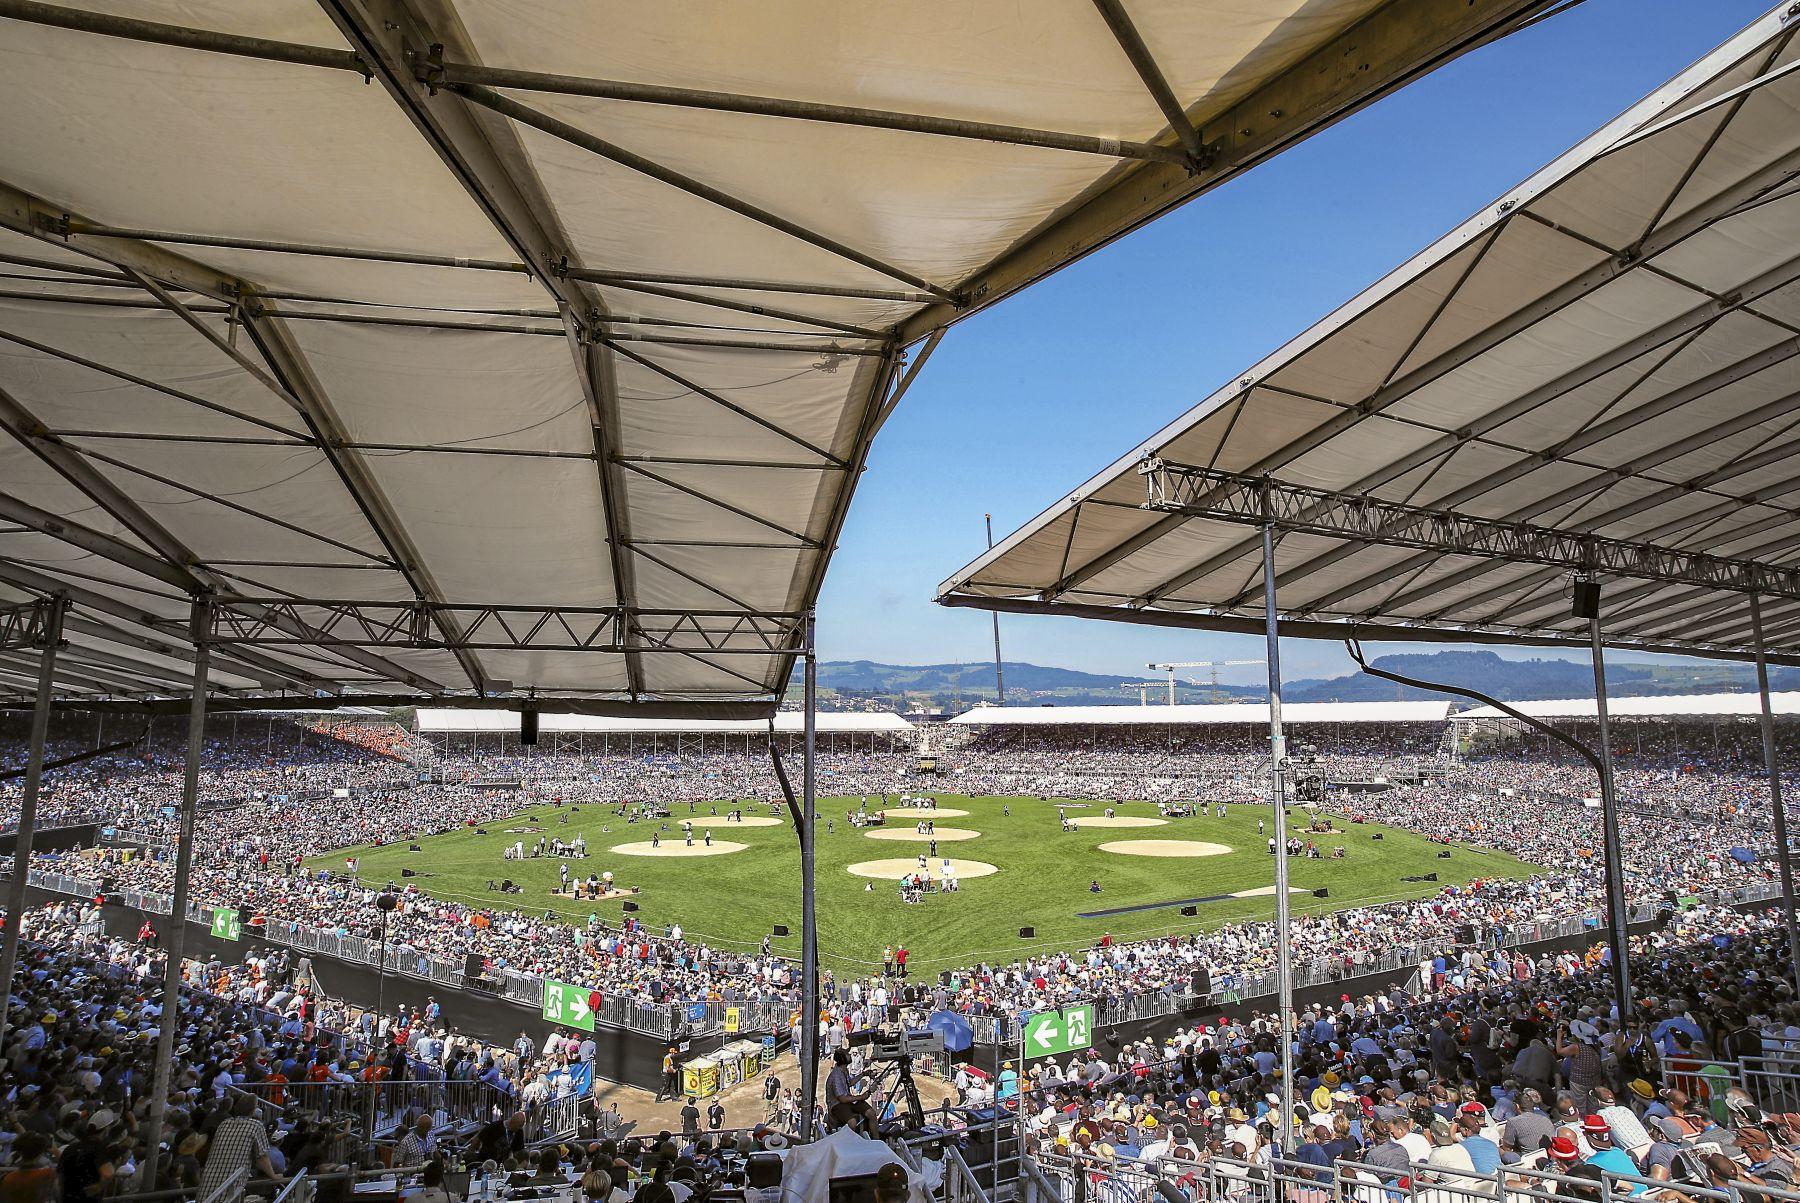 Die Ticketpreise für den Arenaeintritt stehen fest, Eidgenössisches Schwing- und Älplerfest Pratteln im Baselbiet | ESAF 2022